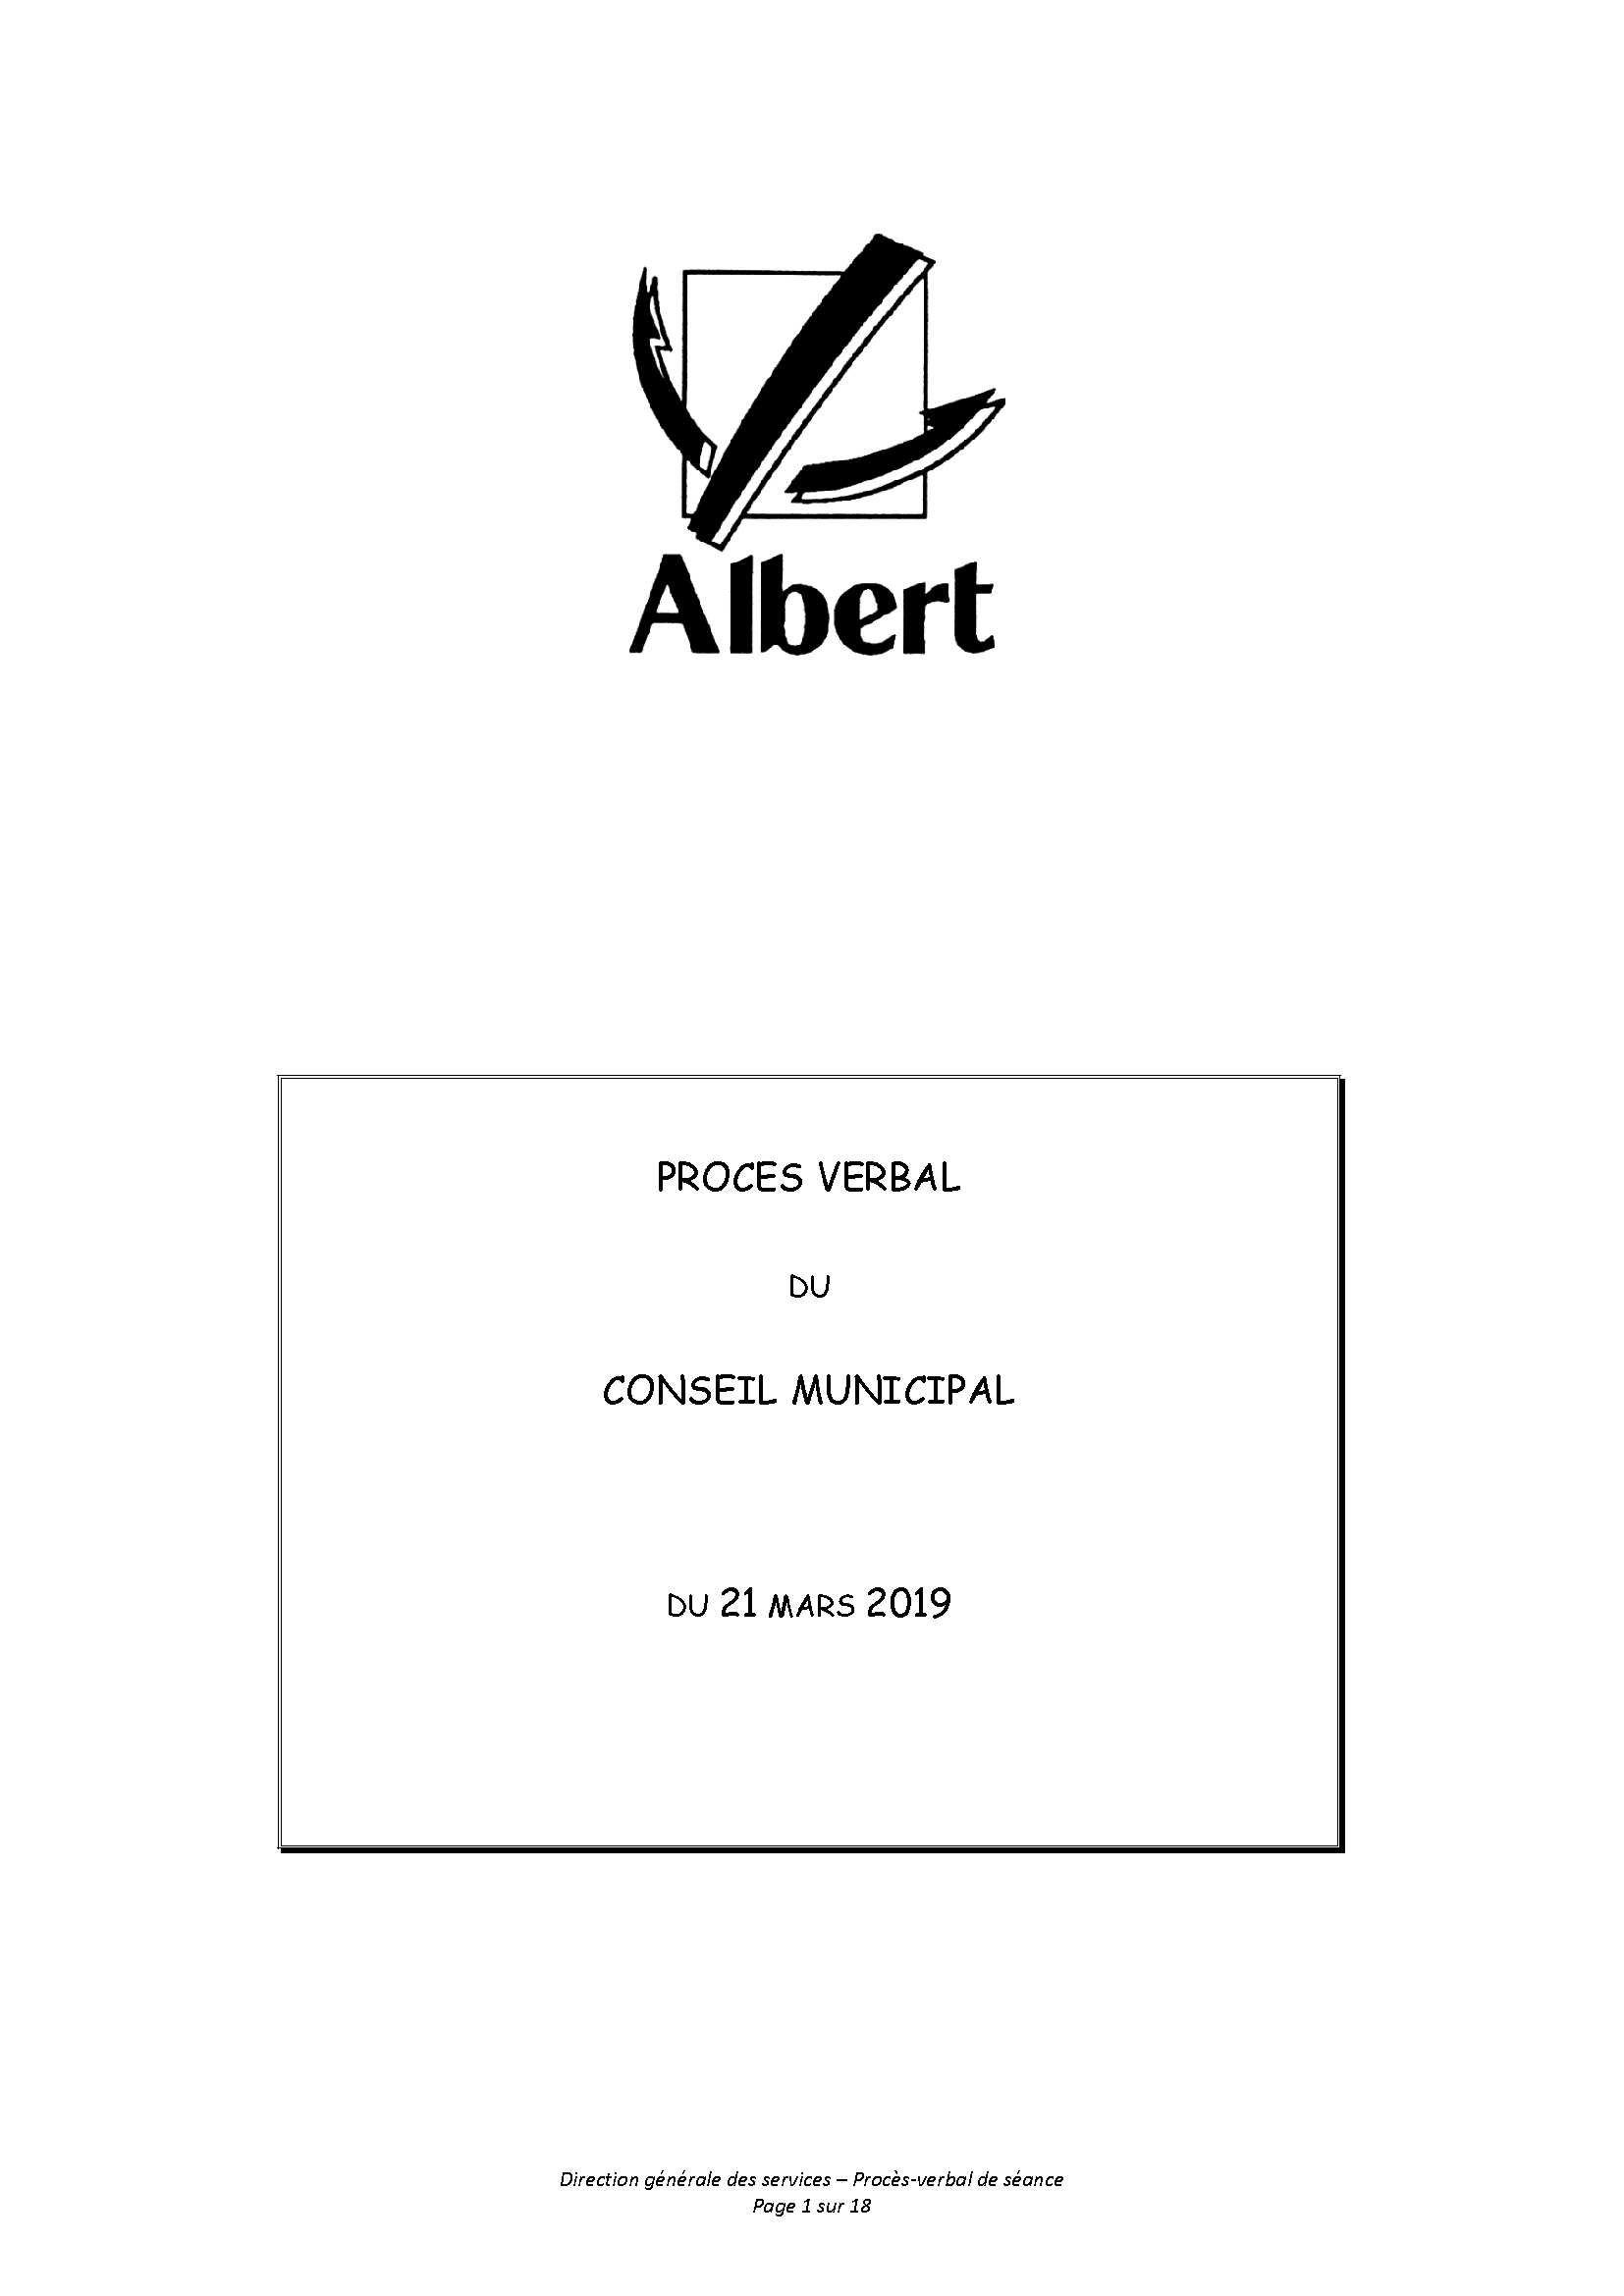 PROCES VERBAL DU CONSEIL MUNICIPAL DU 21 MARS 2019